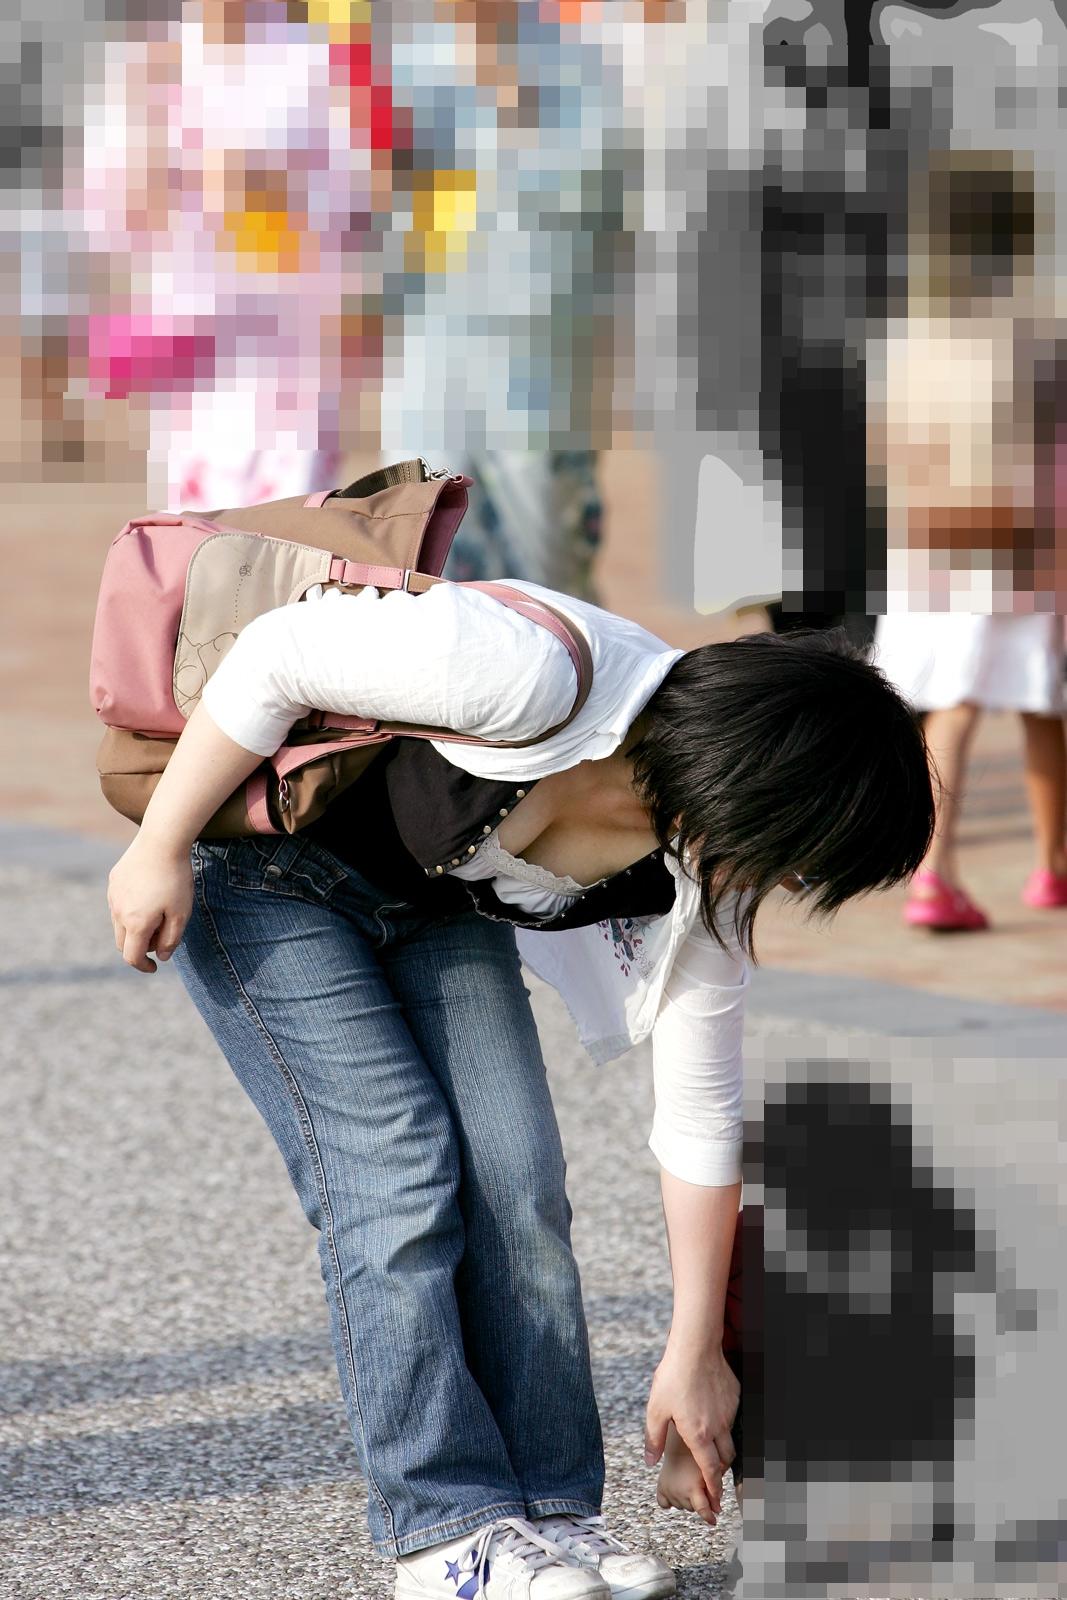 三次元 3次元 エロ画像 谷間 街撮り 素人 べっぴん娘通信 07